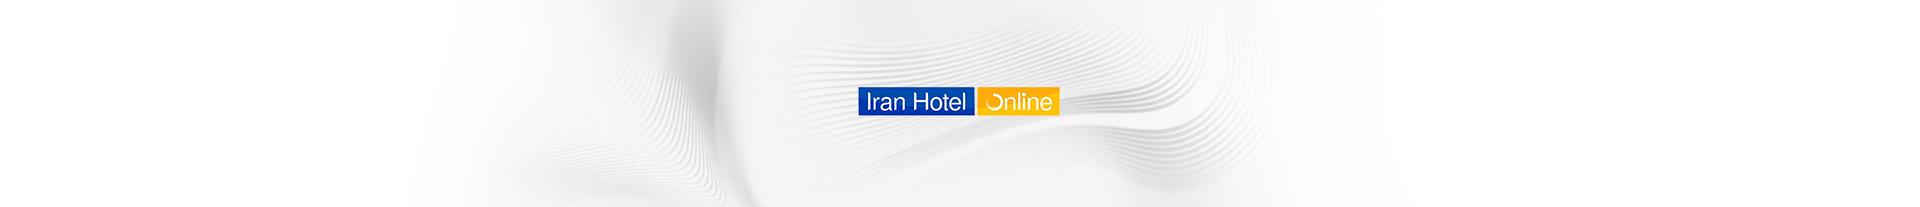 کد تخفیف ایران هتل آنلاین